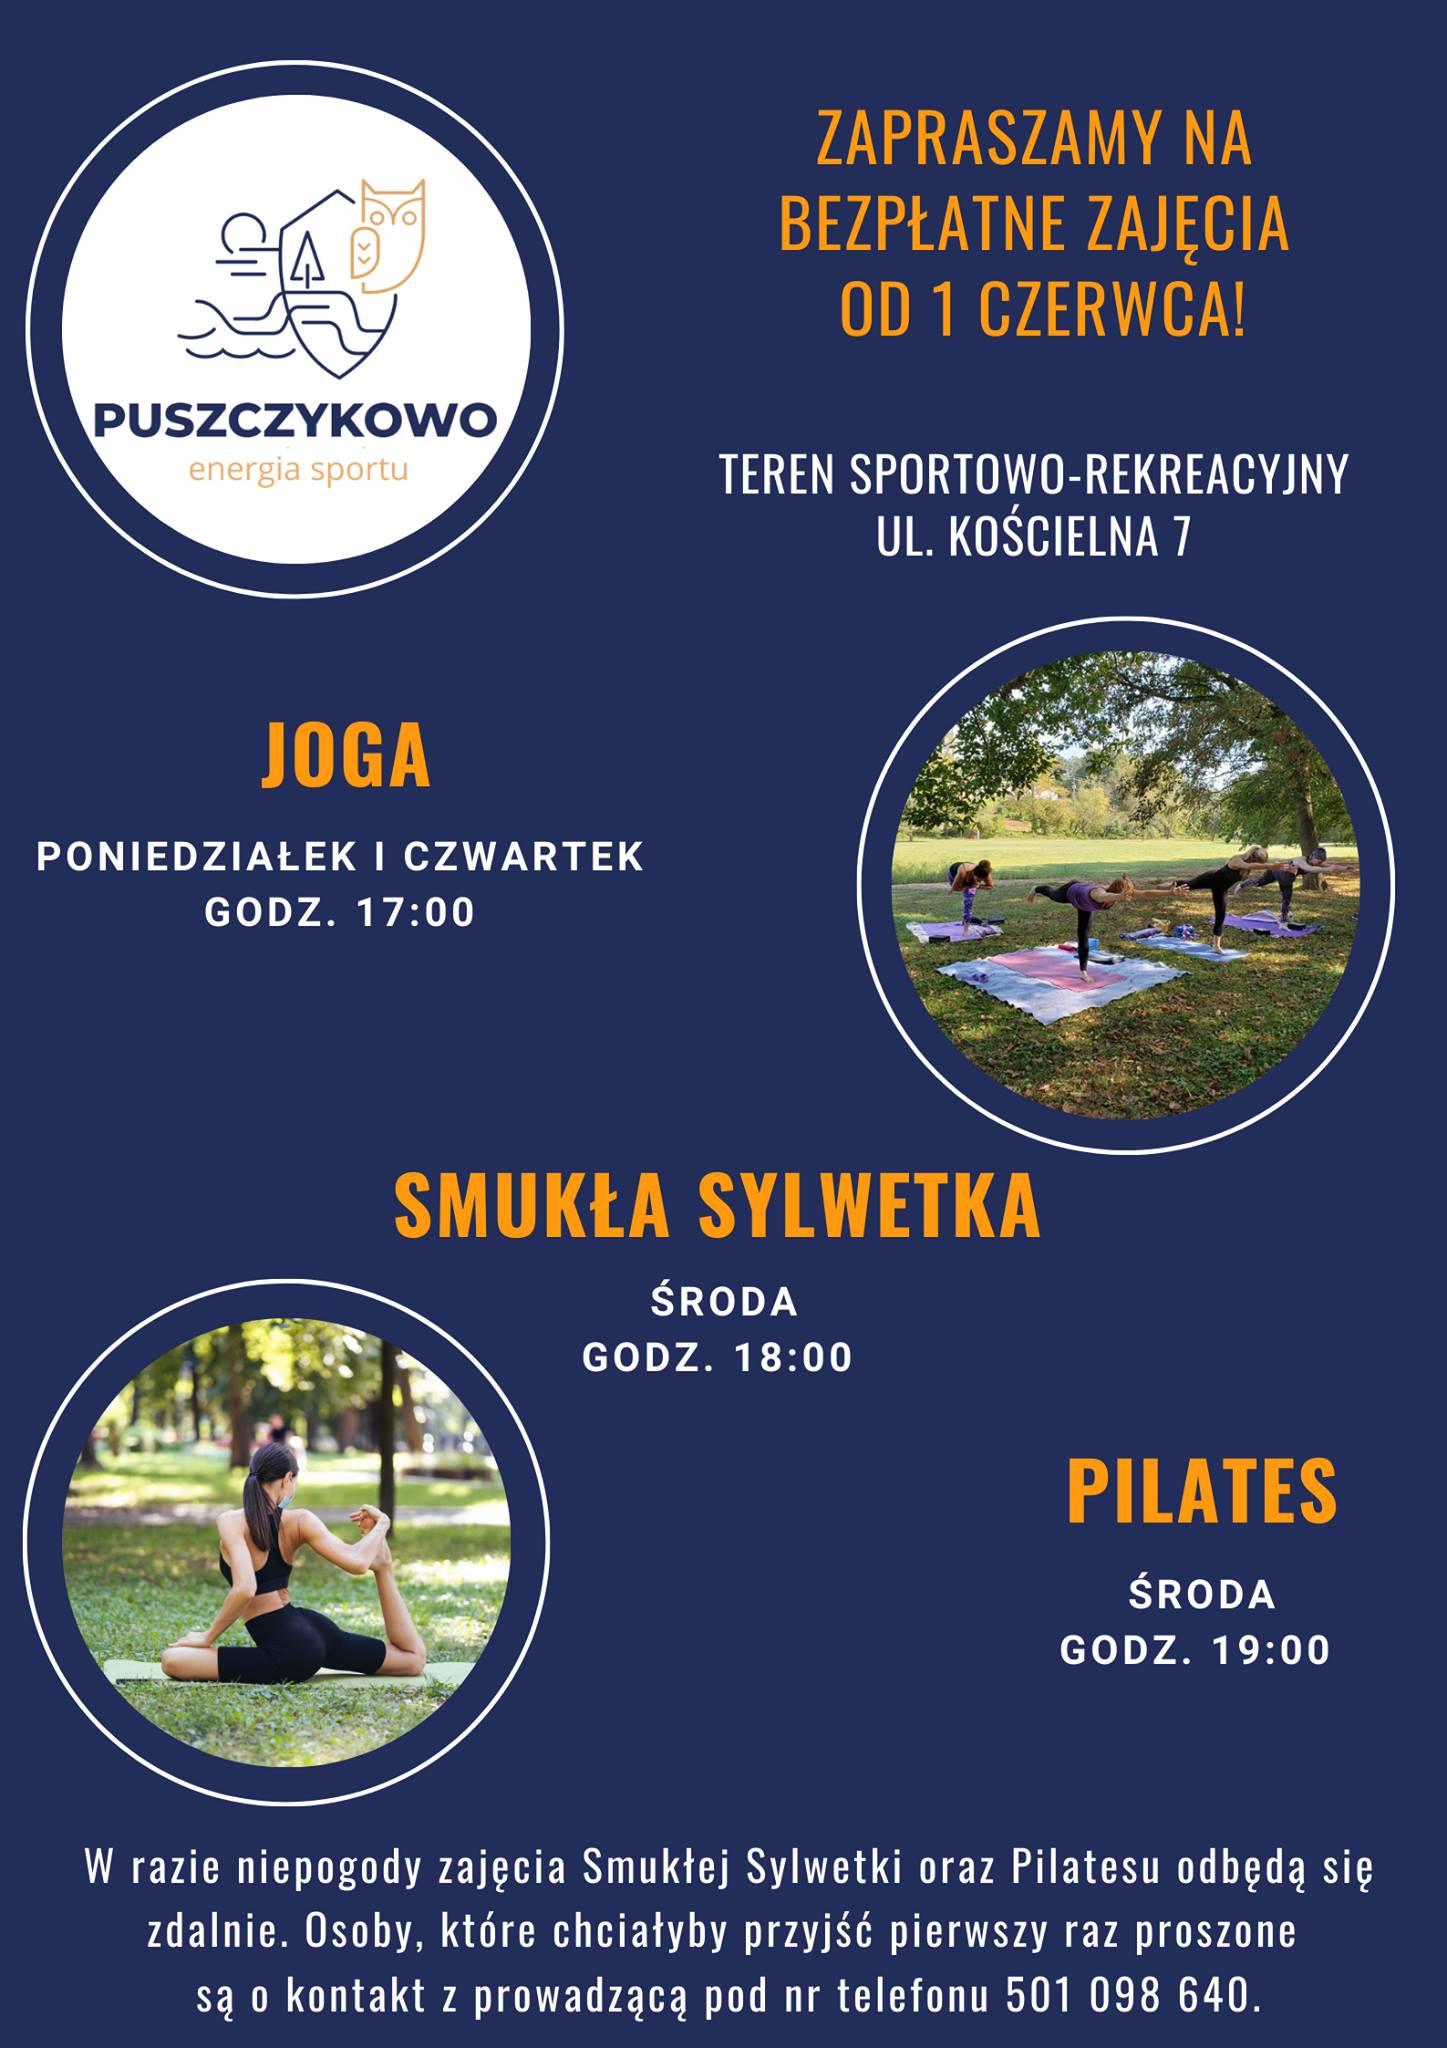 Plakat przedstawia logo miasta Puszczykowa - graficzne przedstawienie puszczyka, zdjęcia osób ćwiczących jogę i pilates w otwartej przestrzeni, na łące, w lesie.